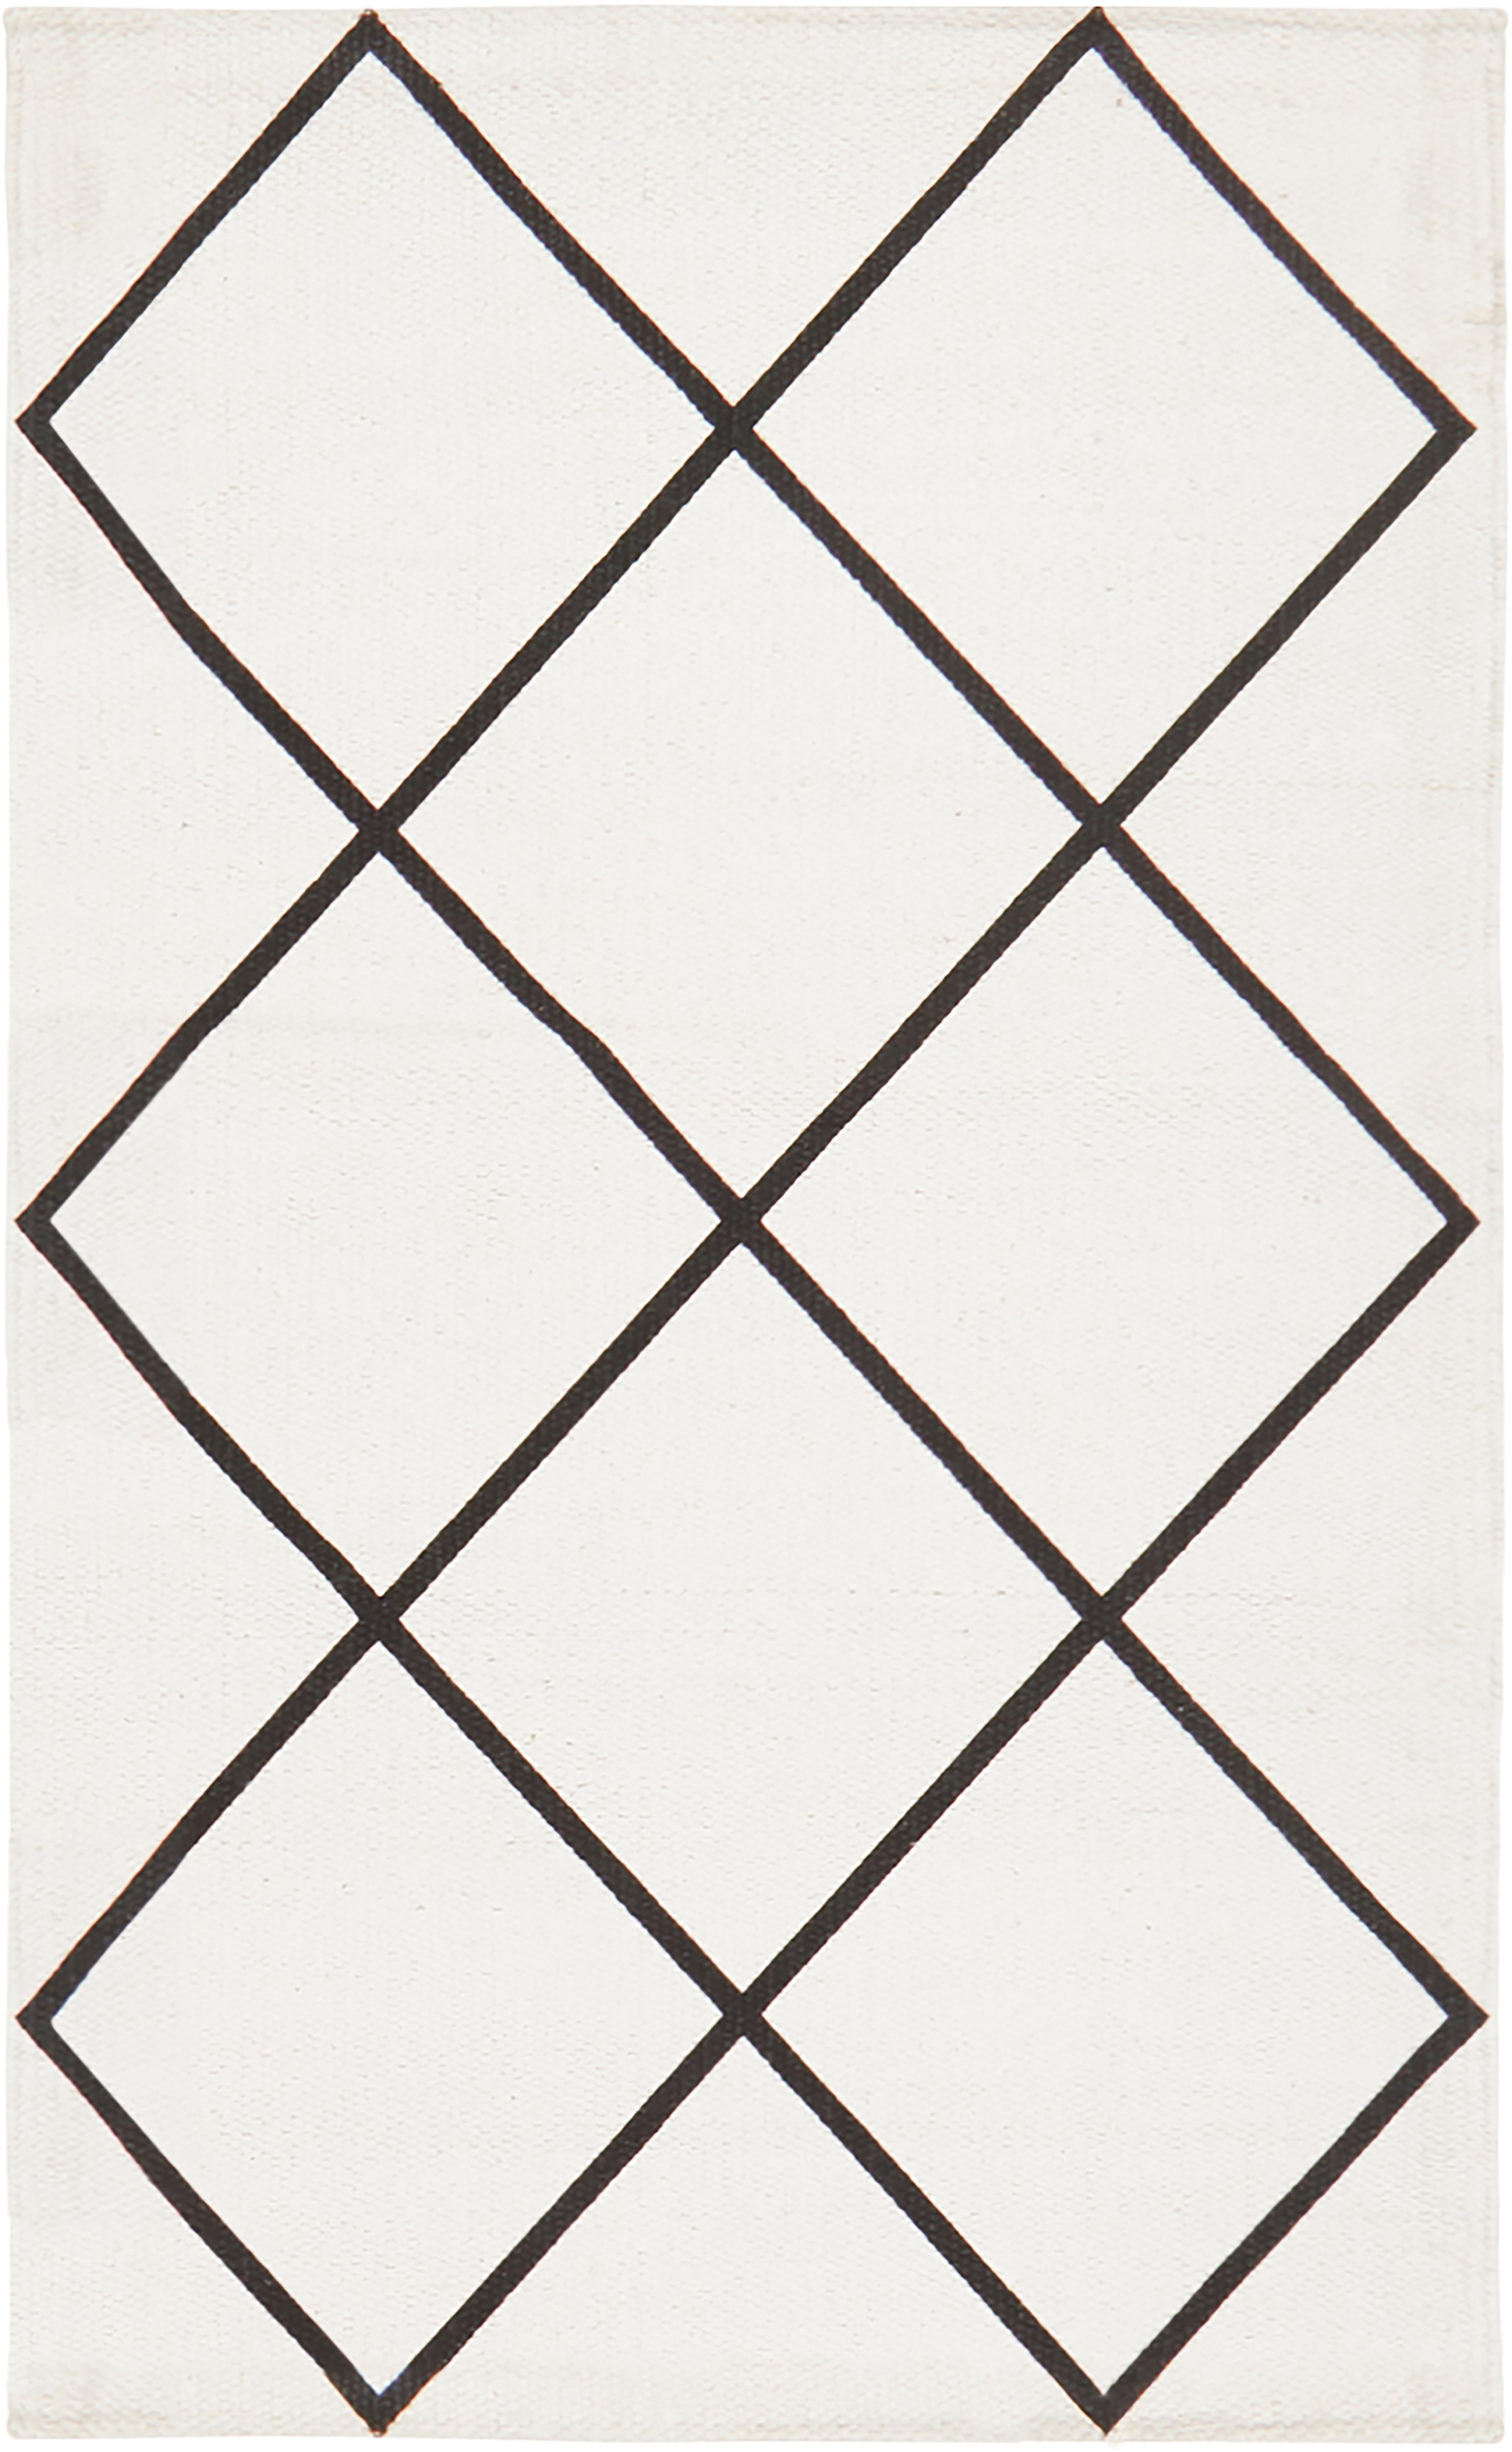 Vlak geweven katoenen vloerkleed Farah met ruitjesmotief, 100% katoen, Crèmewit, zwart, B 50 x L 80 cm (maat XXS)